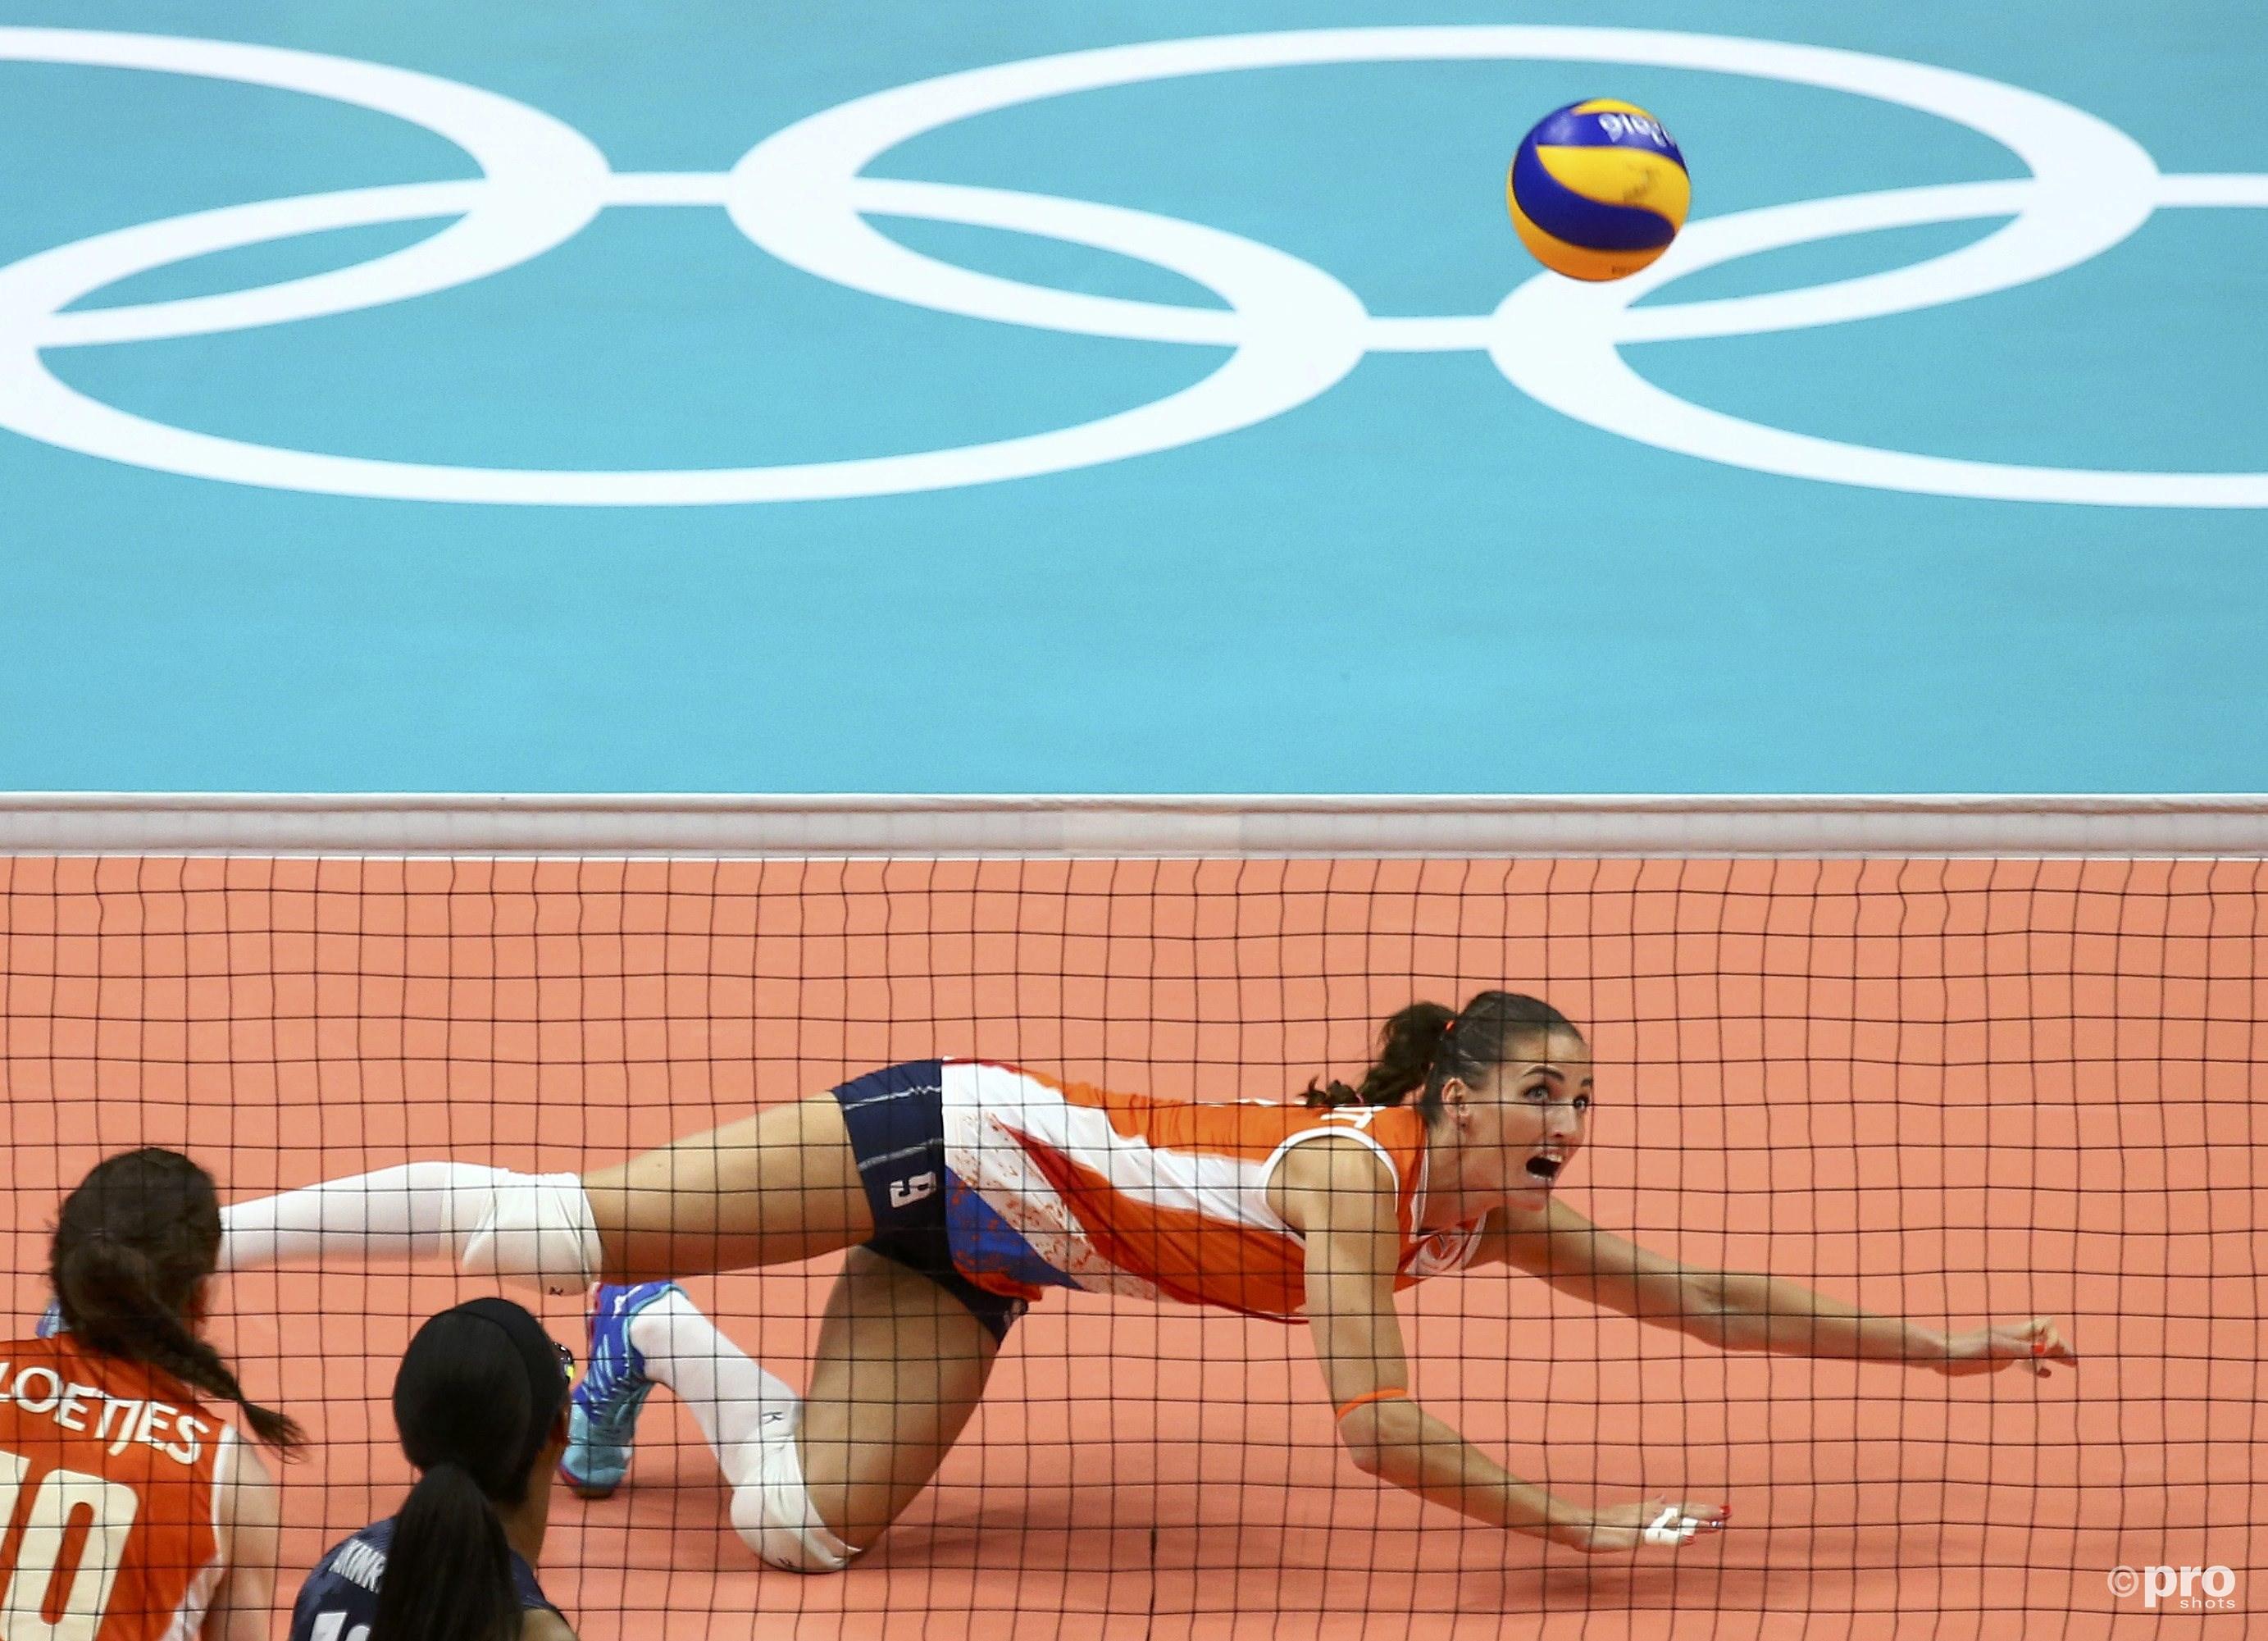 Volleybaldames weten uitstekende Spelen niet te bekronen met medaille (Pro Shots / Action Images)